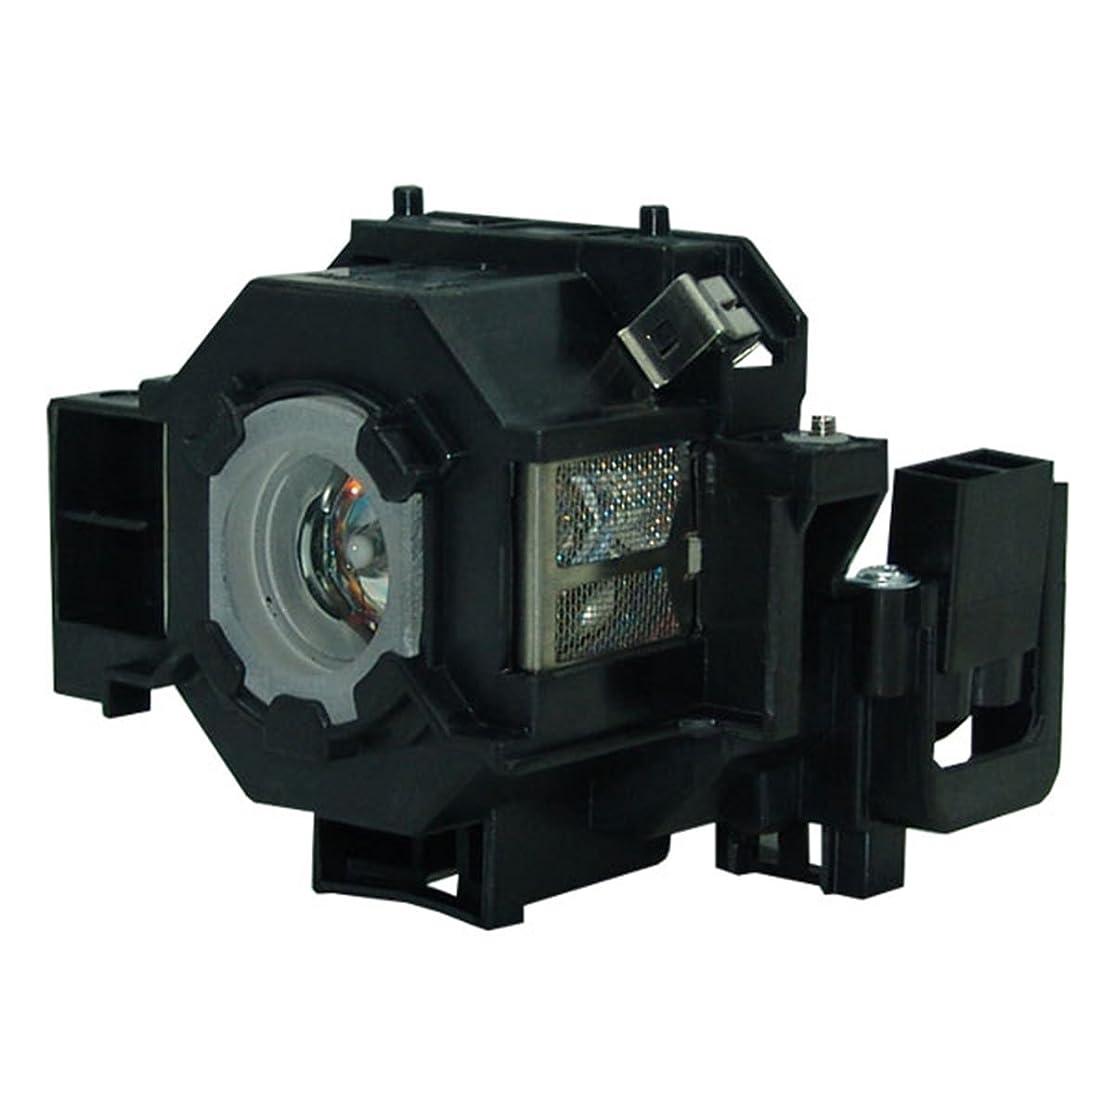 パフ即席百Epson EX90 Projector Assembly with 170 Watt UHE Osram Projector Bulb by Epson [並行輸入品]